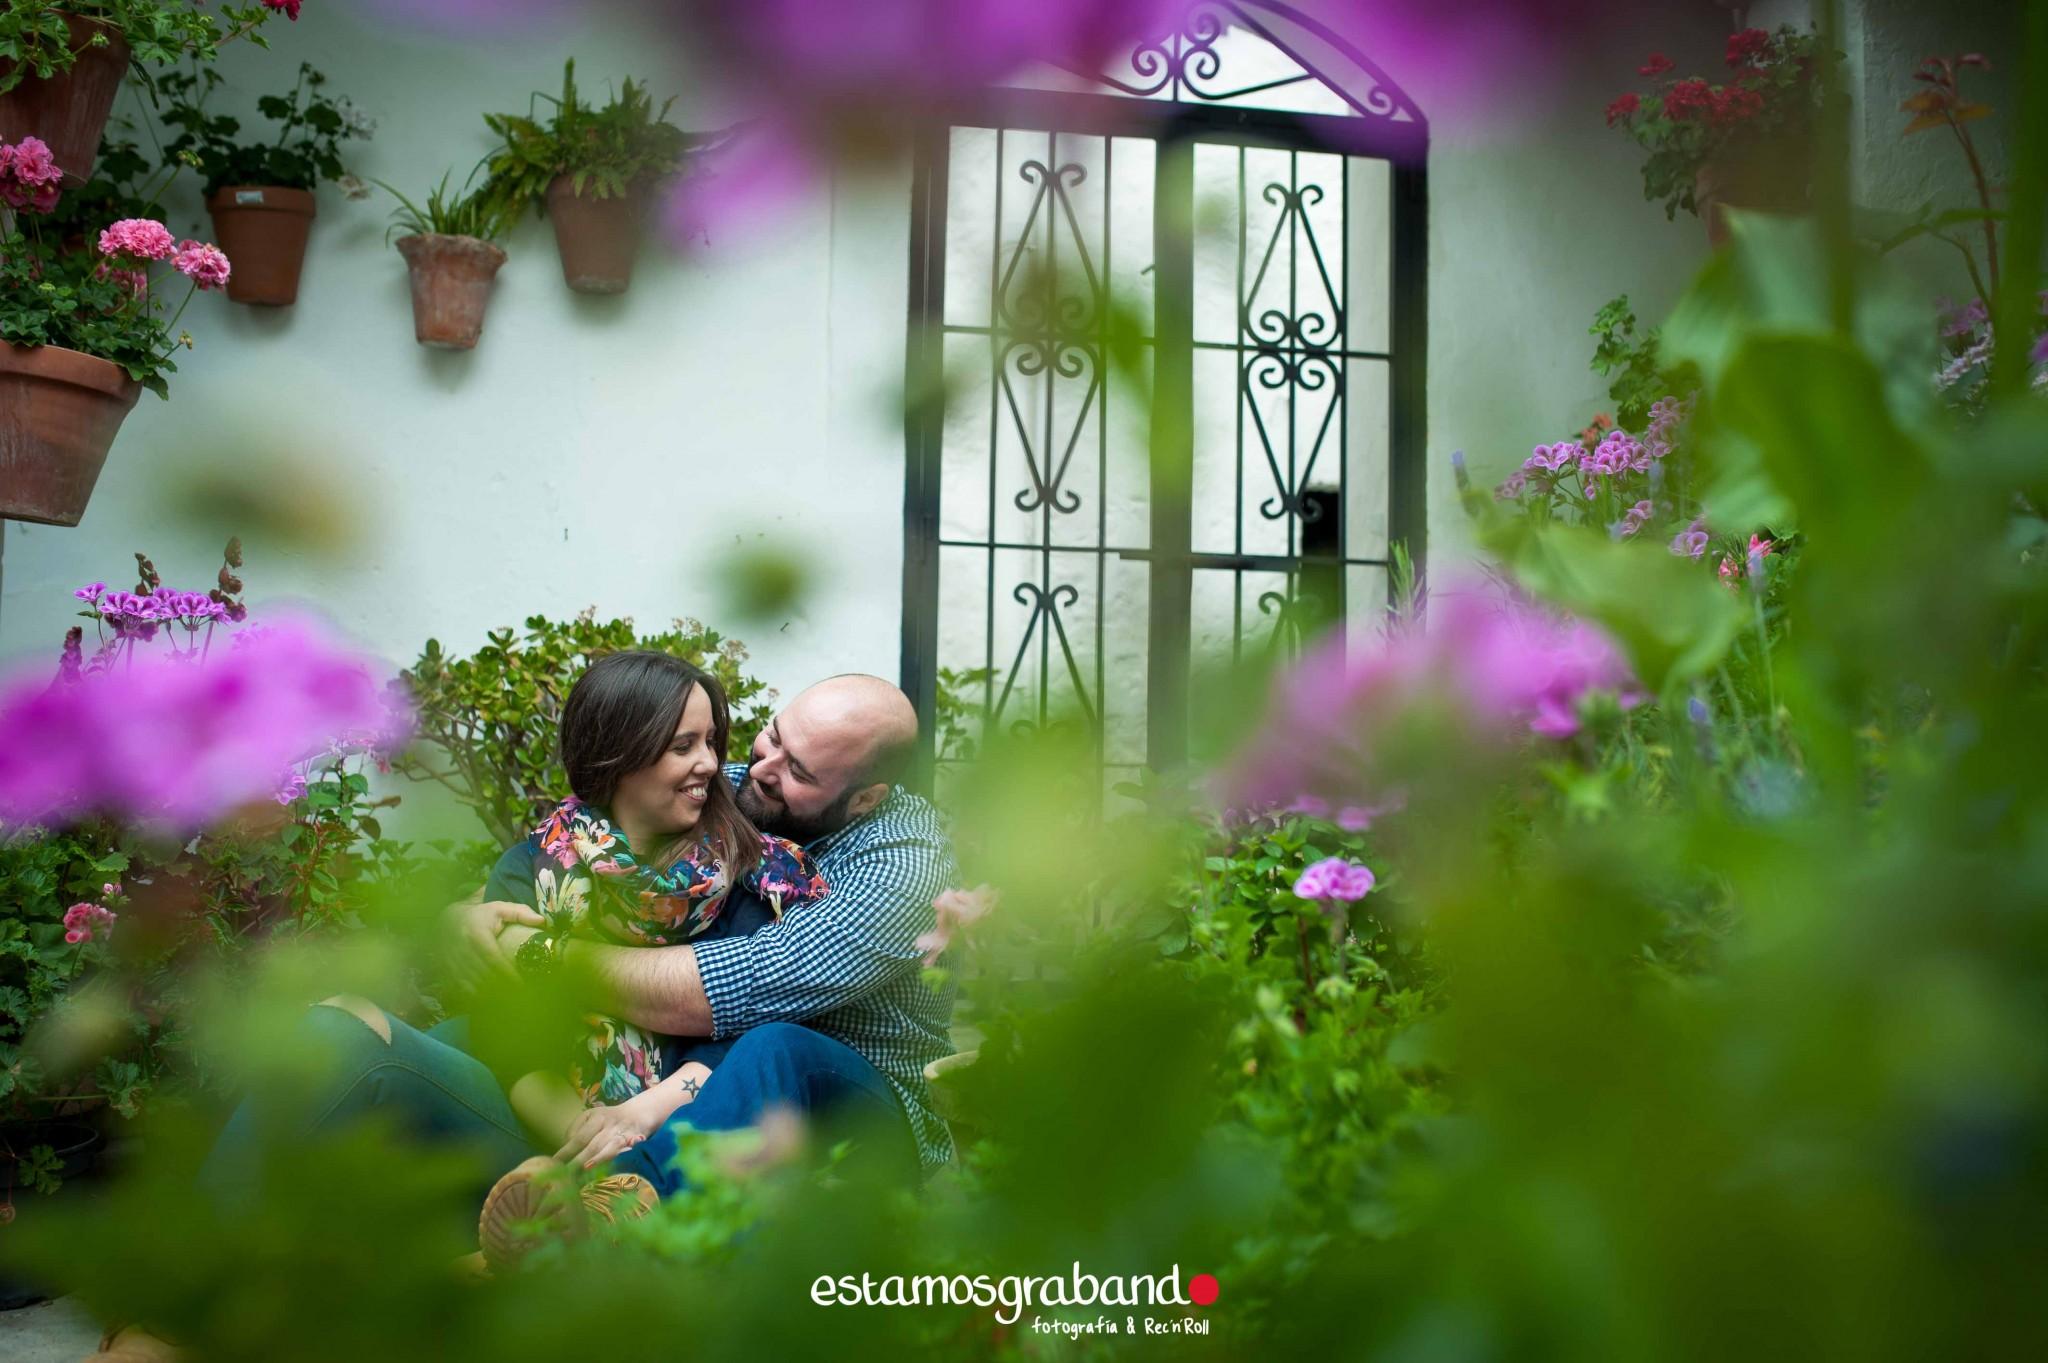 mariano-leticia-blog-14-de-25 Mariano & Leticia [Fotografía Preboda en Vejer y El Palmar] - video boda cadiz